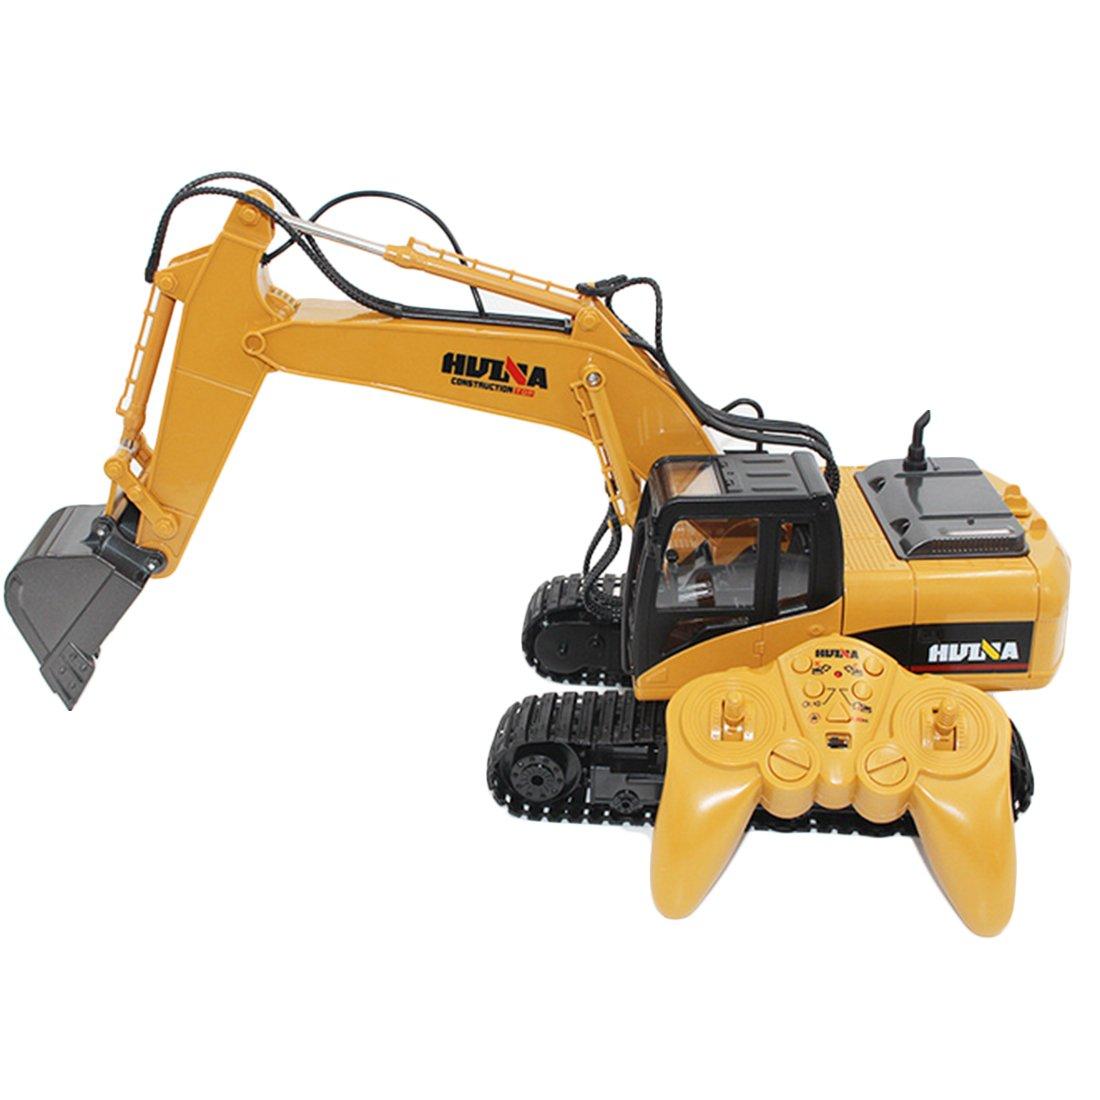 LoKauf 1:14 15CH Navvy mit Fernbedienung Excavator RC Bagger Metall Ferngesteuert für Kinder